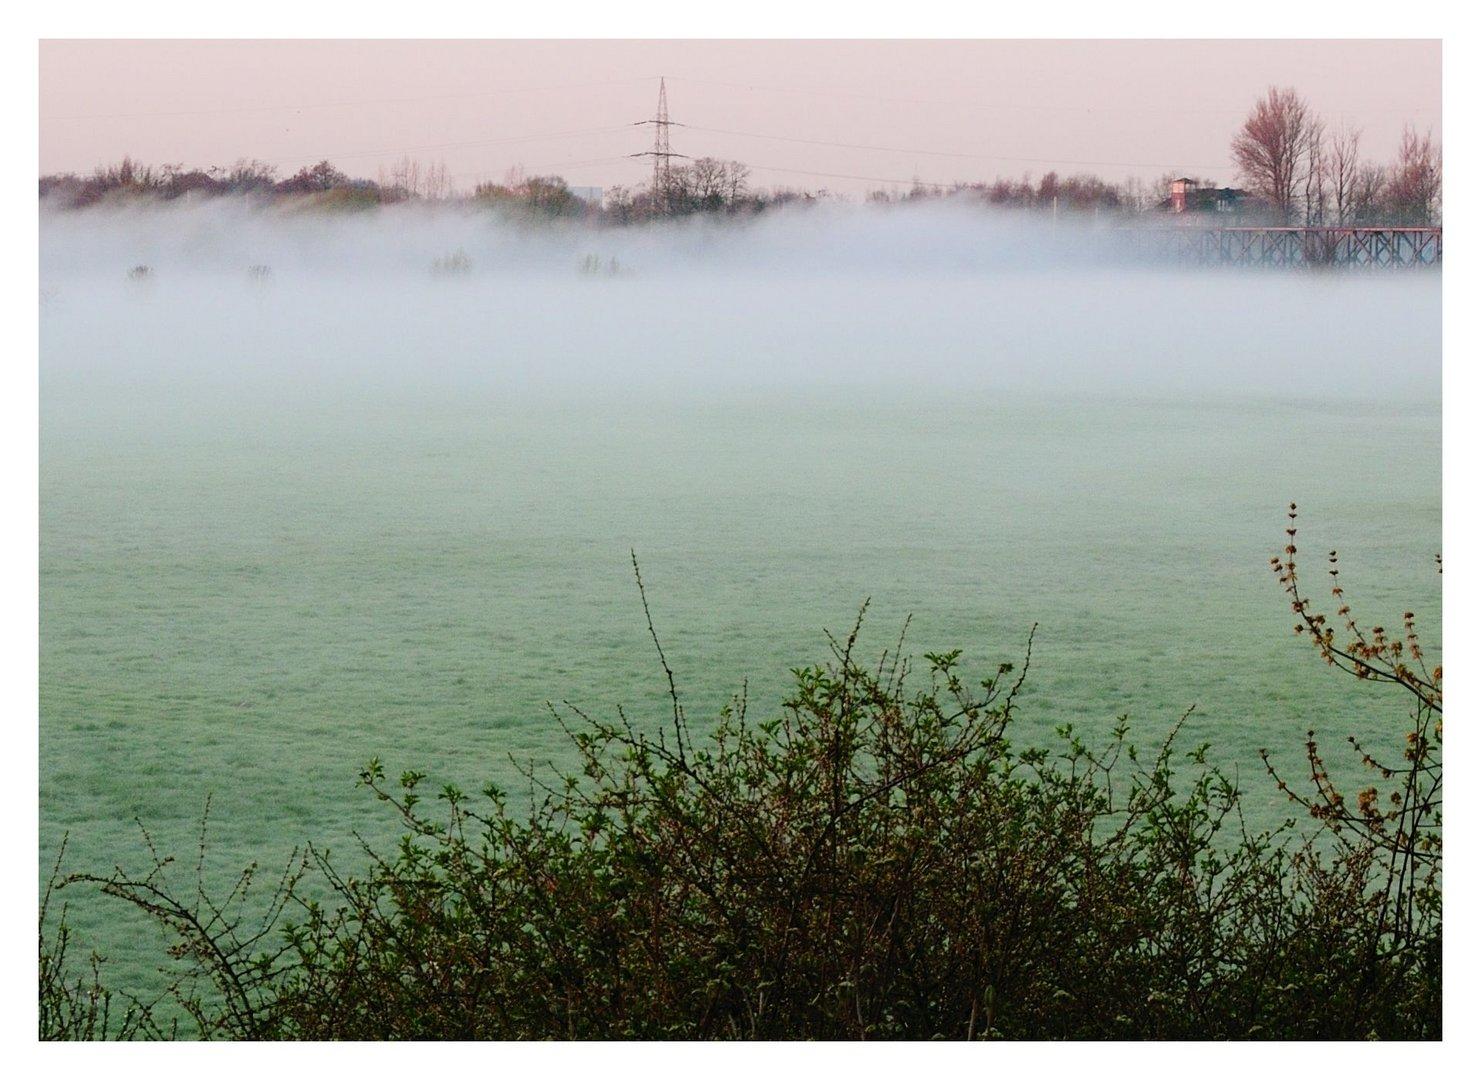 Nebel in der Aue